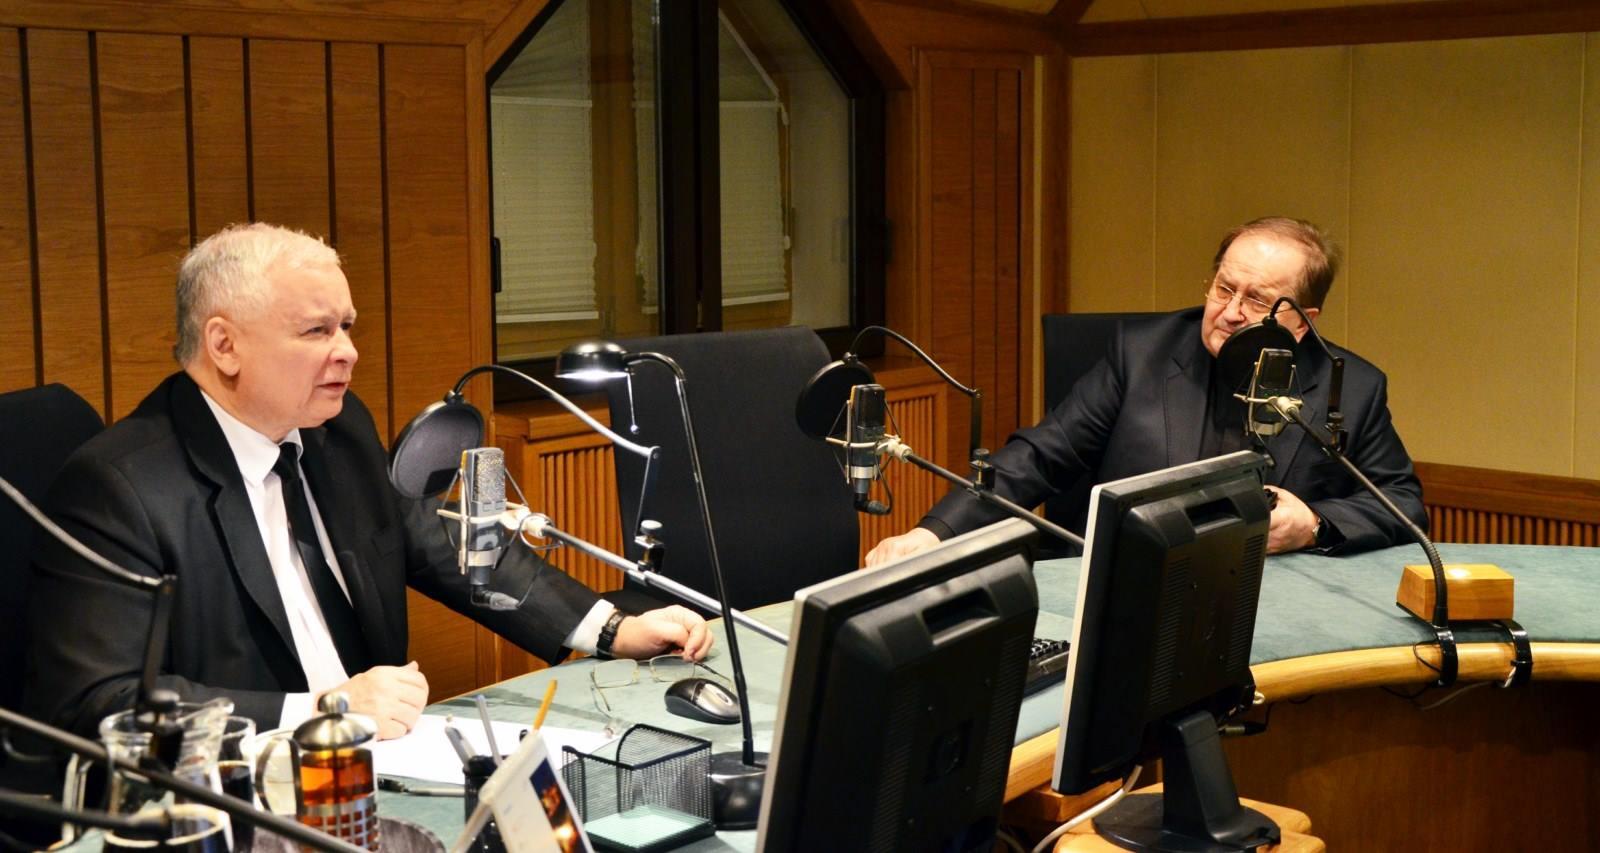 Il leader della destra polacca, Jarosław Kaczyński, ospite negli studi di Radio Maryja con il fondatore di quest'ultima, padre Tadeusz Rydzyk (dalla pagina Facebook di Radio Maryja).